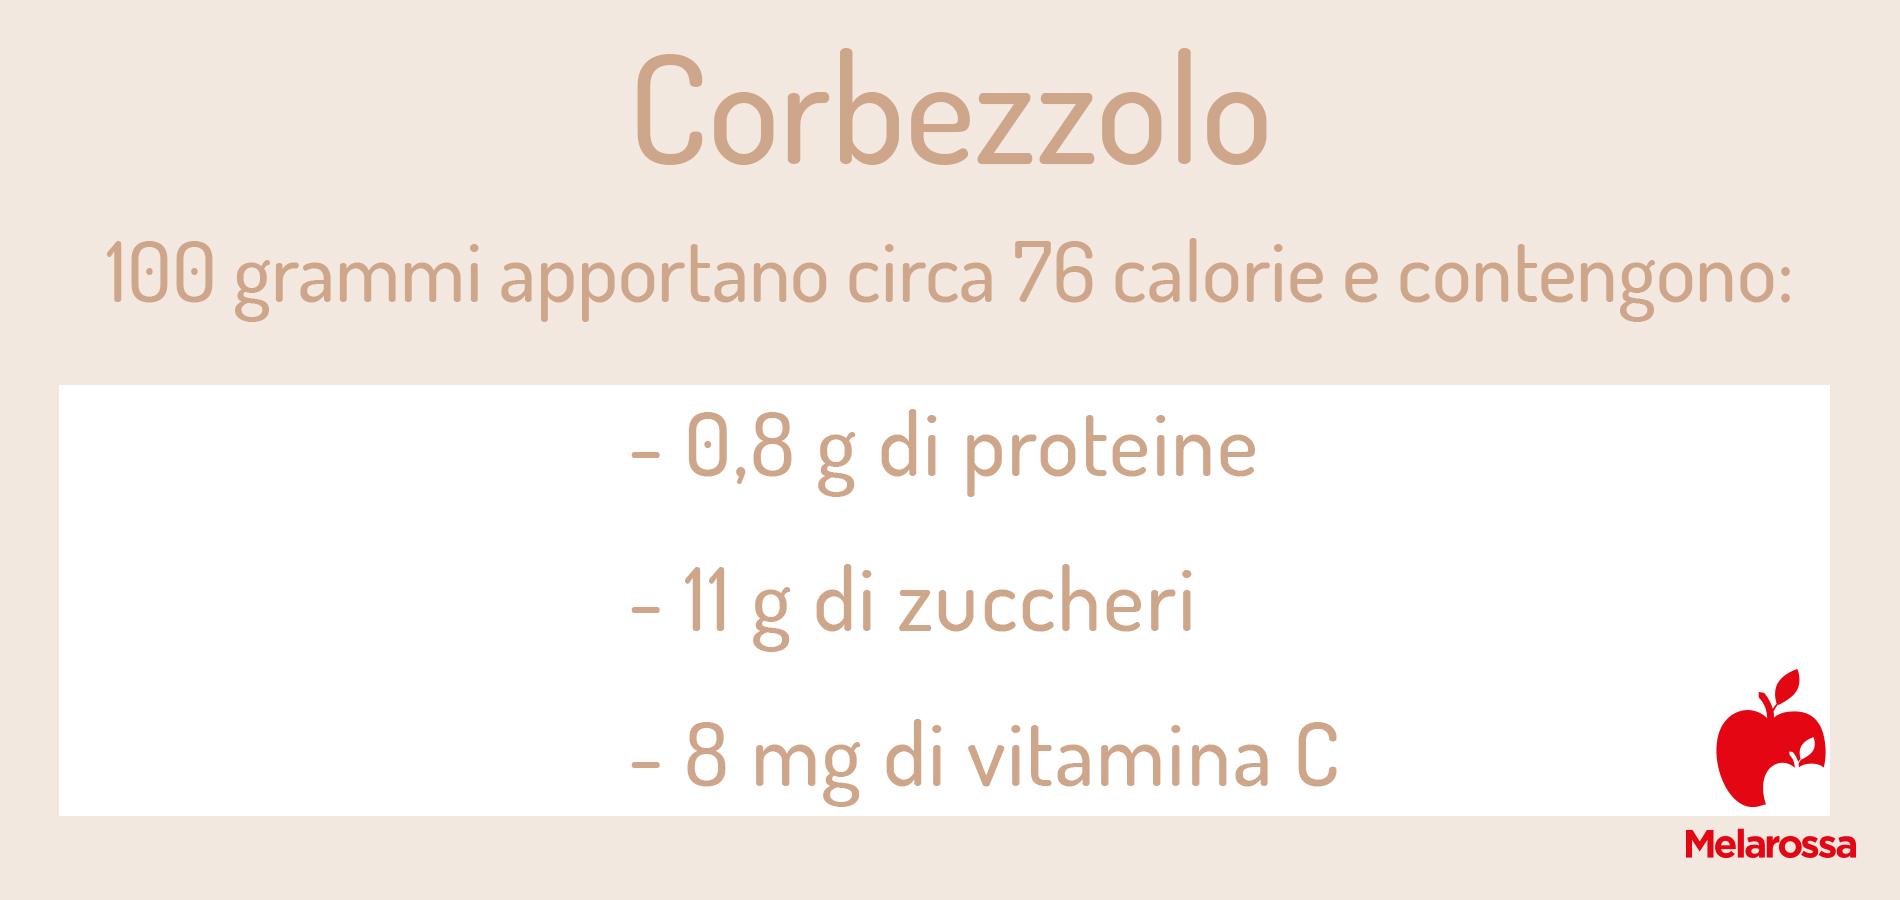 corbezzolo: valori nutrizionali